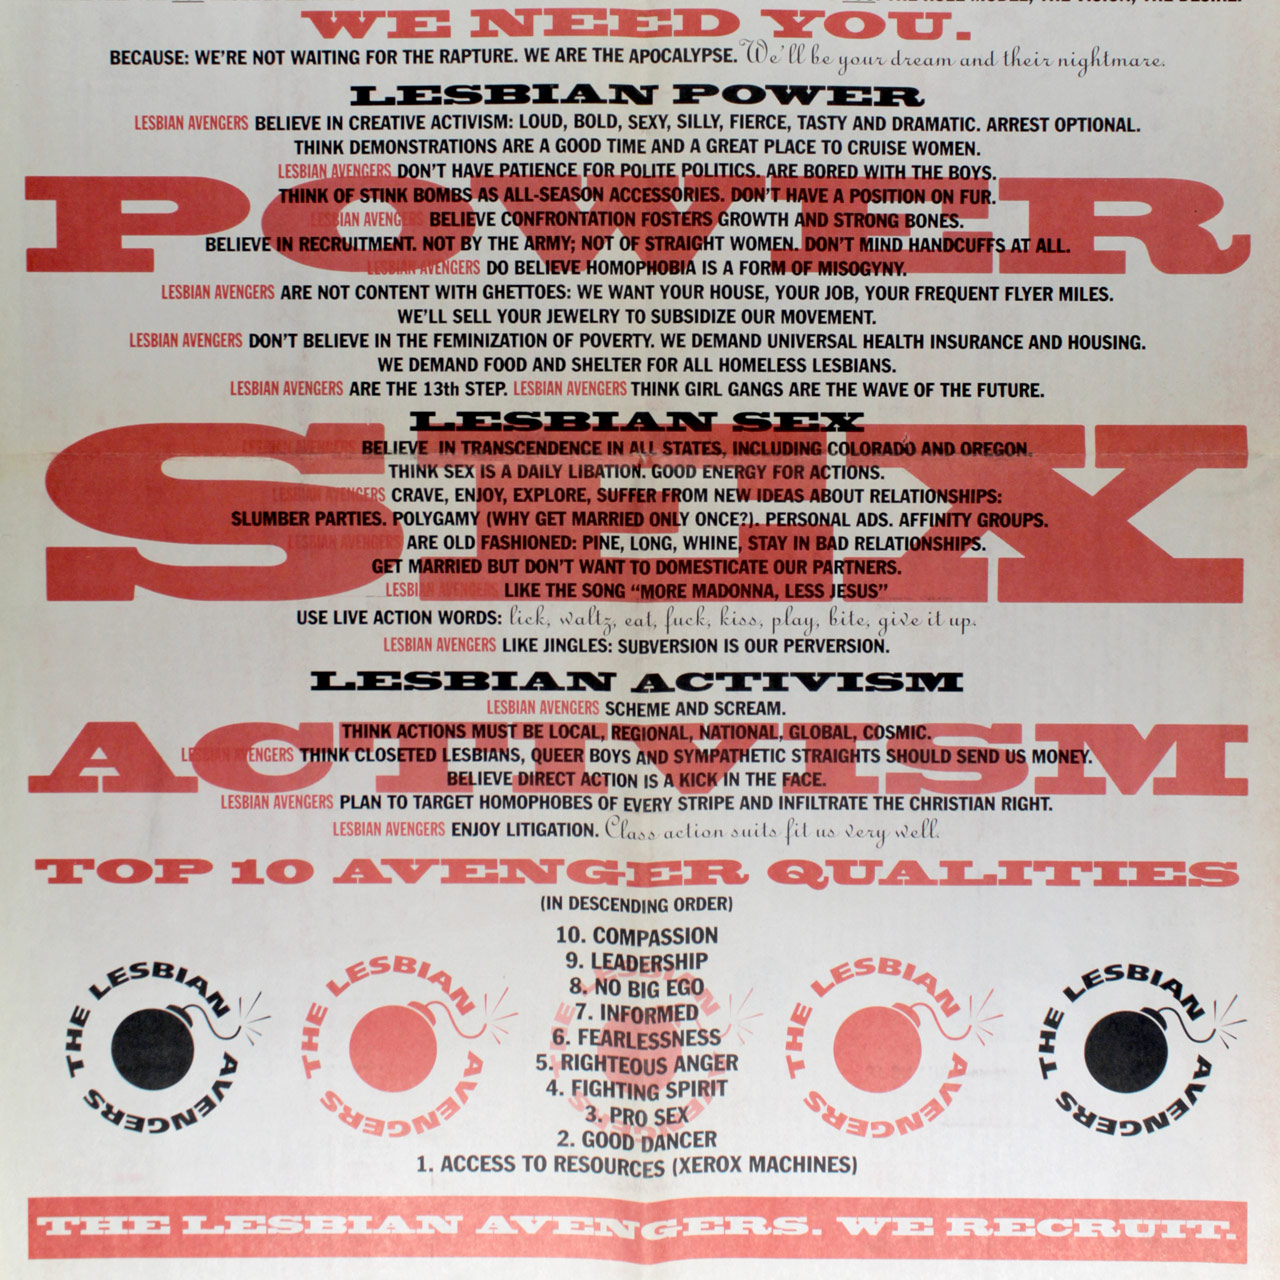 Lesbian Avengers information poster detail